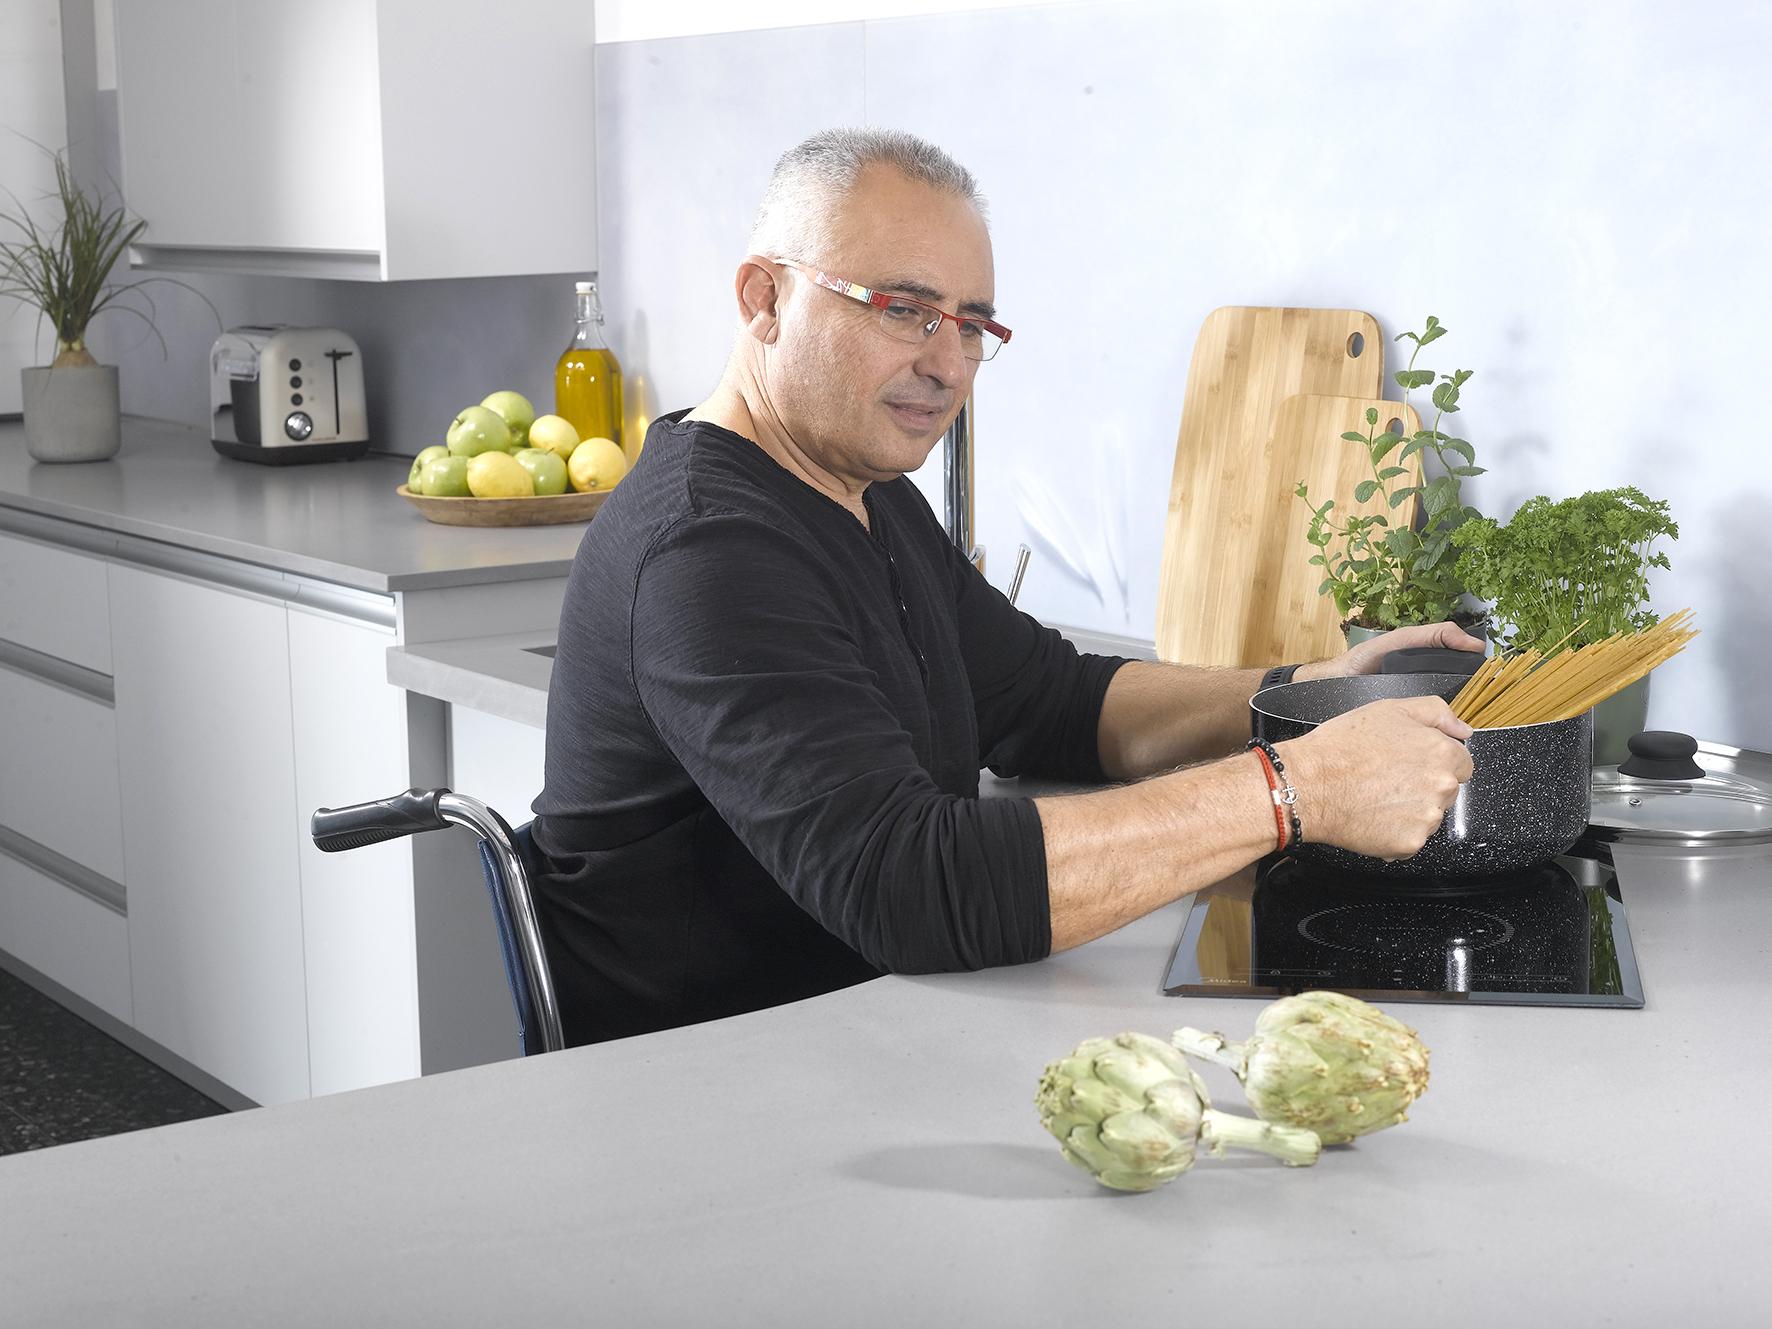 עיצוב מטבח מודרני לבעלי מוגבלויות